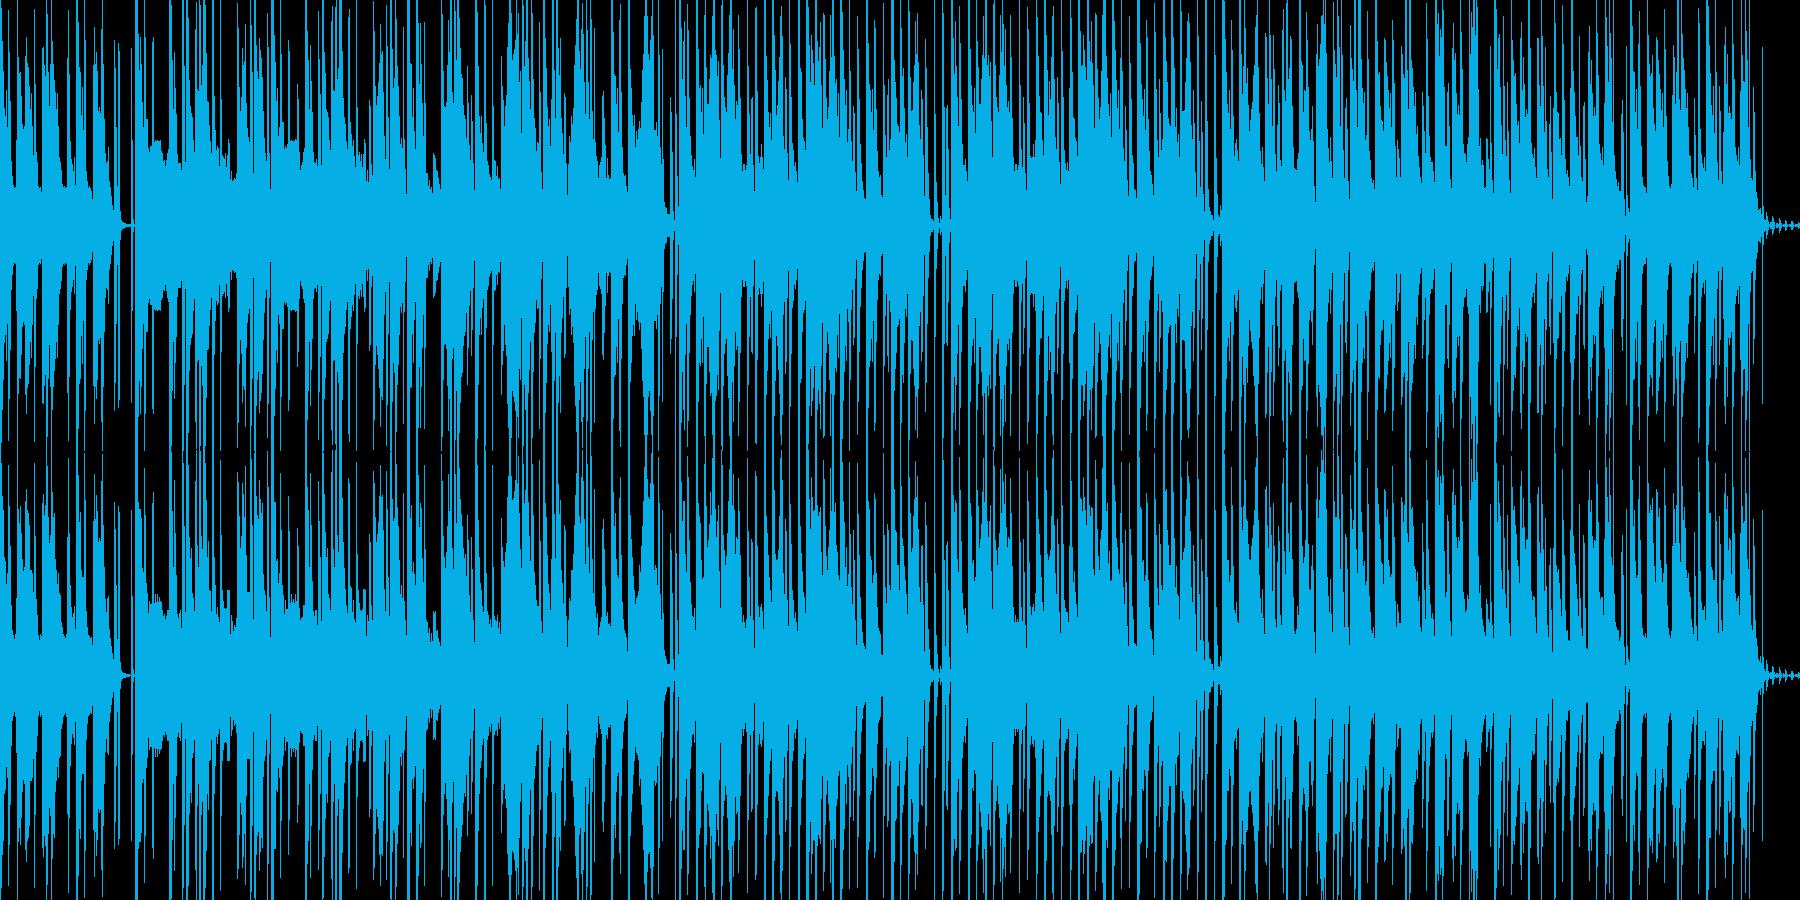 軽いニカ感のあるピアノHIPHOPの再生済みの波形